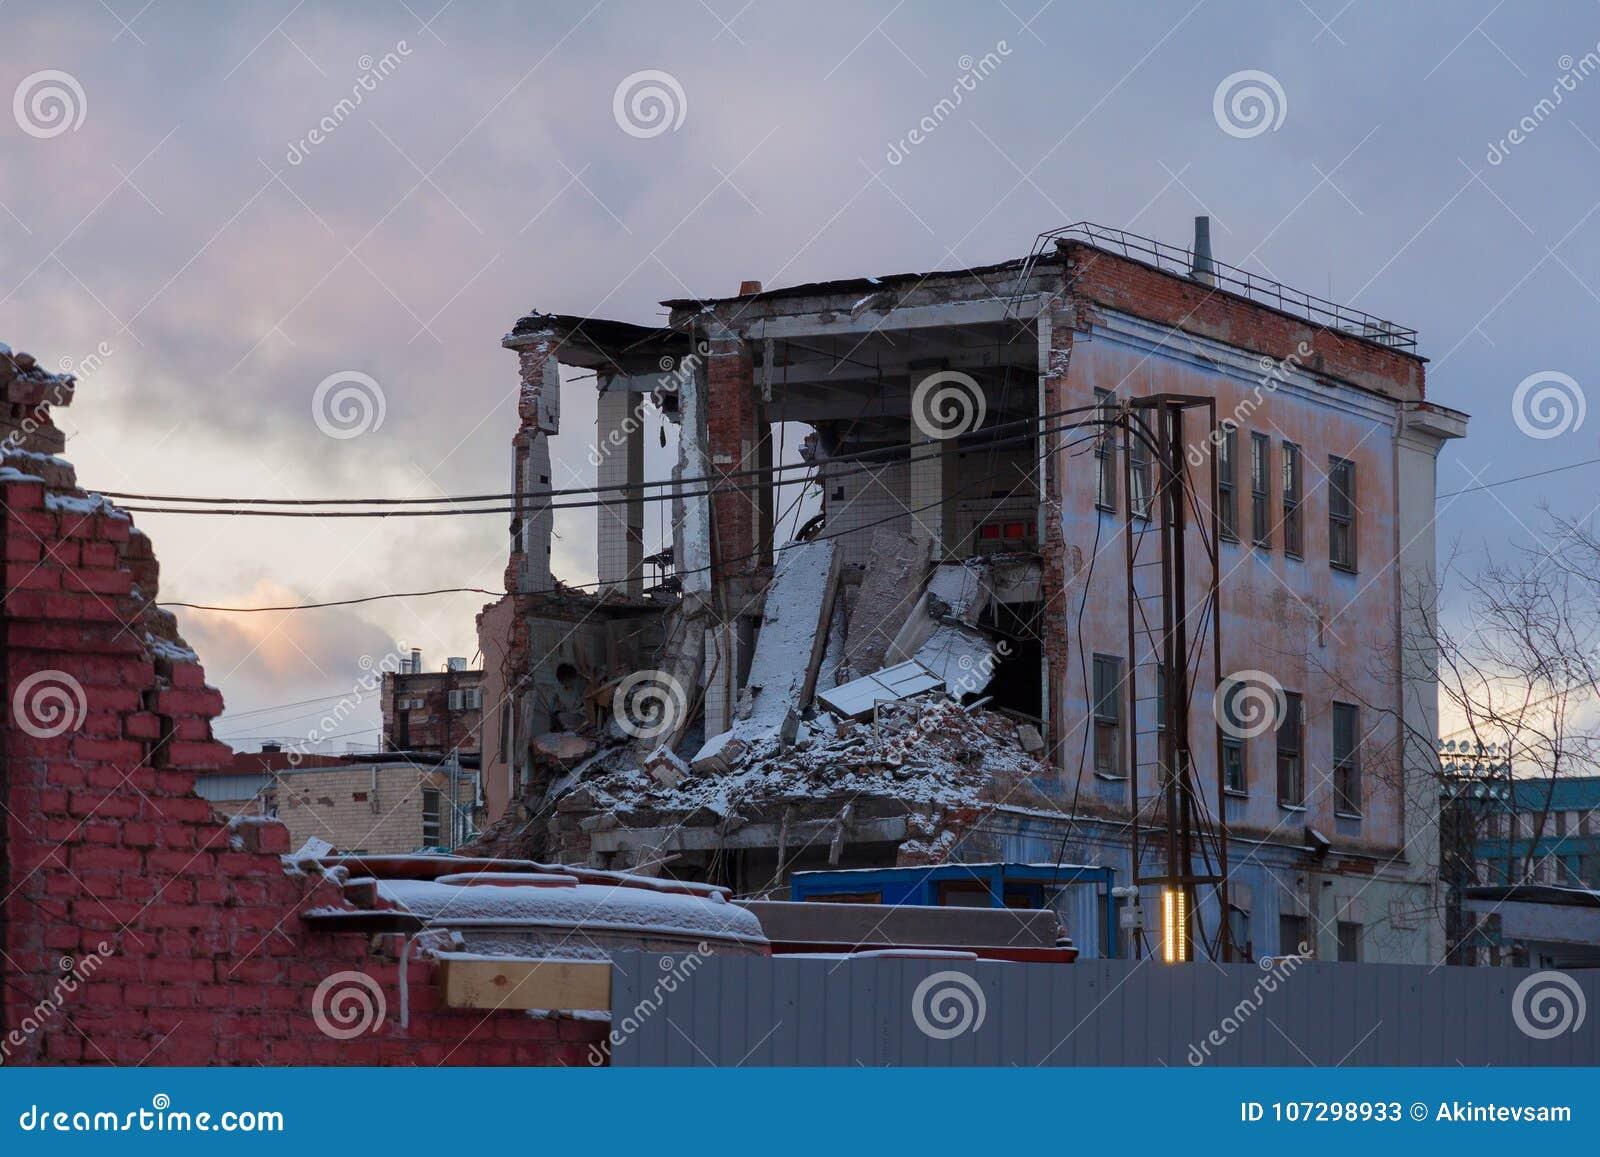 Demolizione di vecchia casa con mattoni a vista